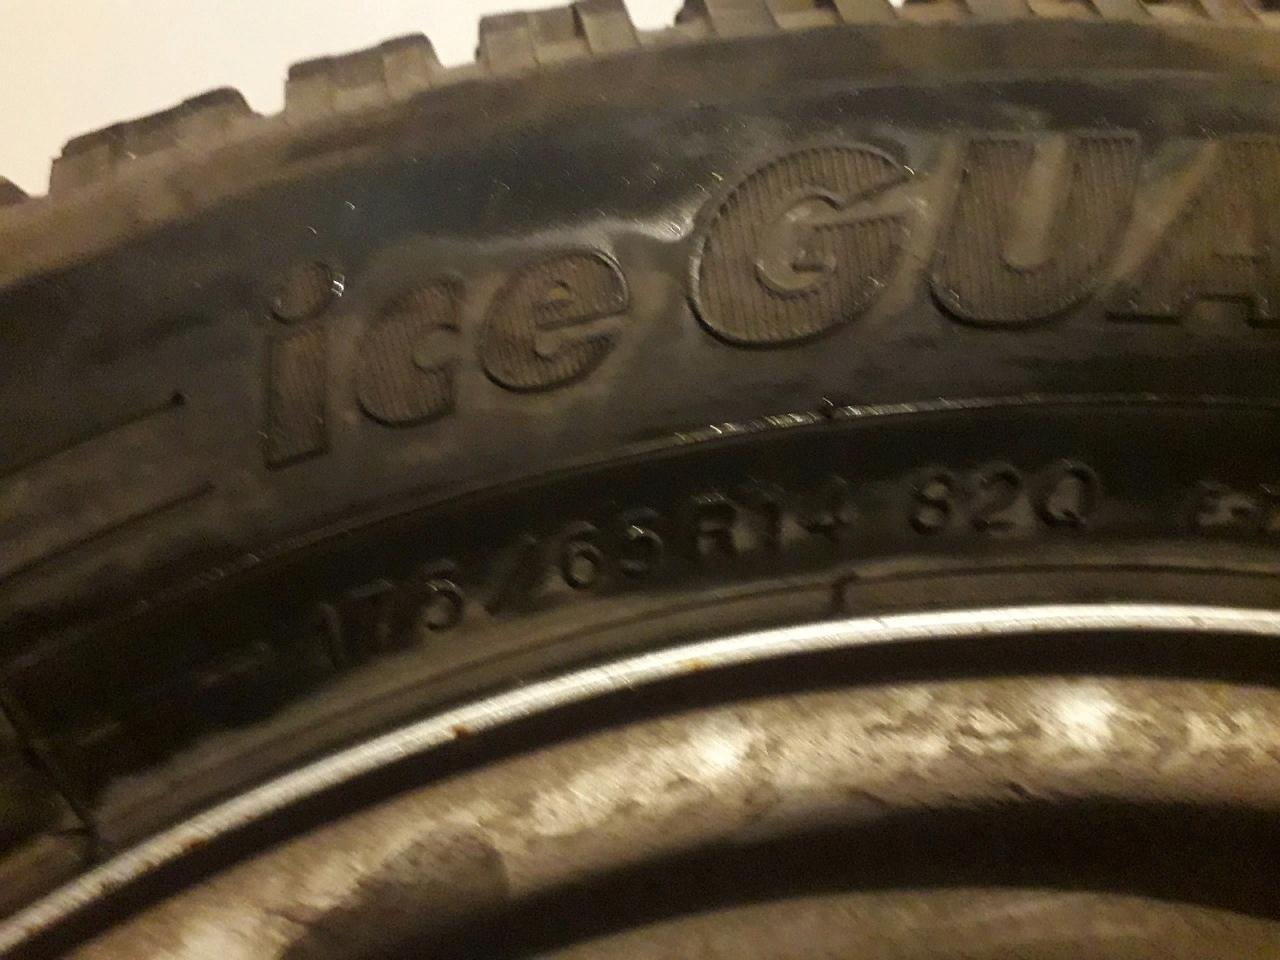 продам или обменяю 2 зимних колес YOKOHAMA | Объявления Орска и Новотроицка №3427